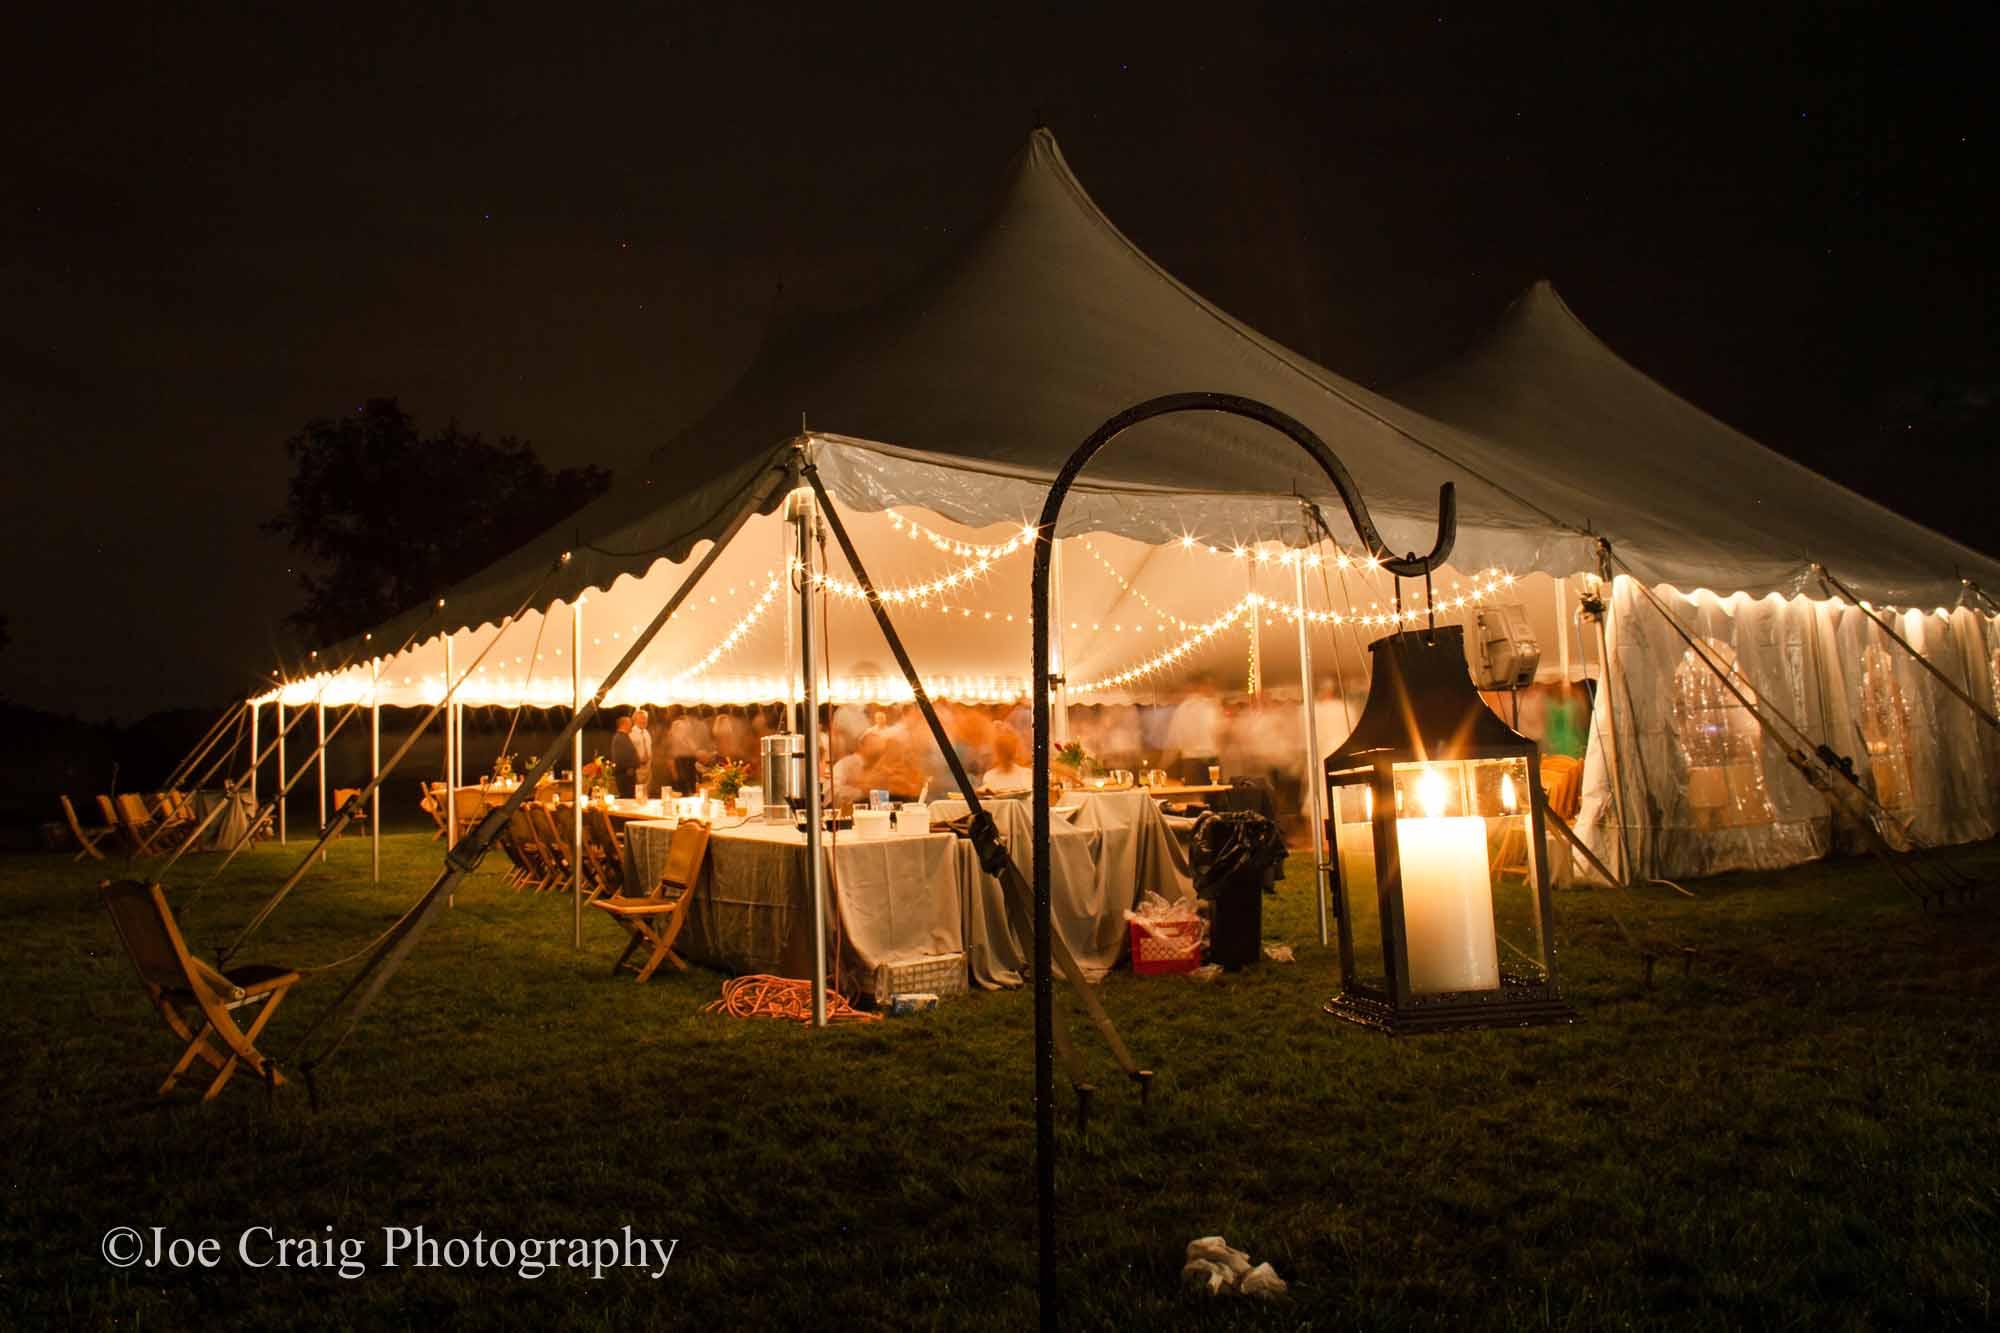 Tent Rentals in New York